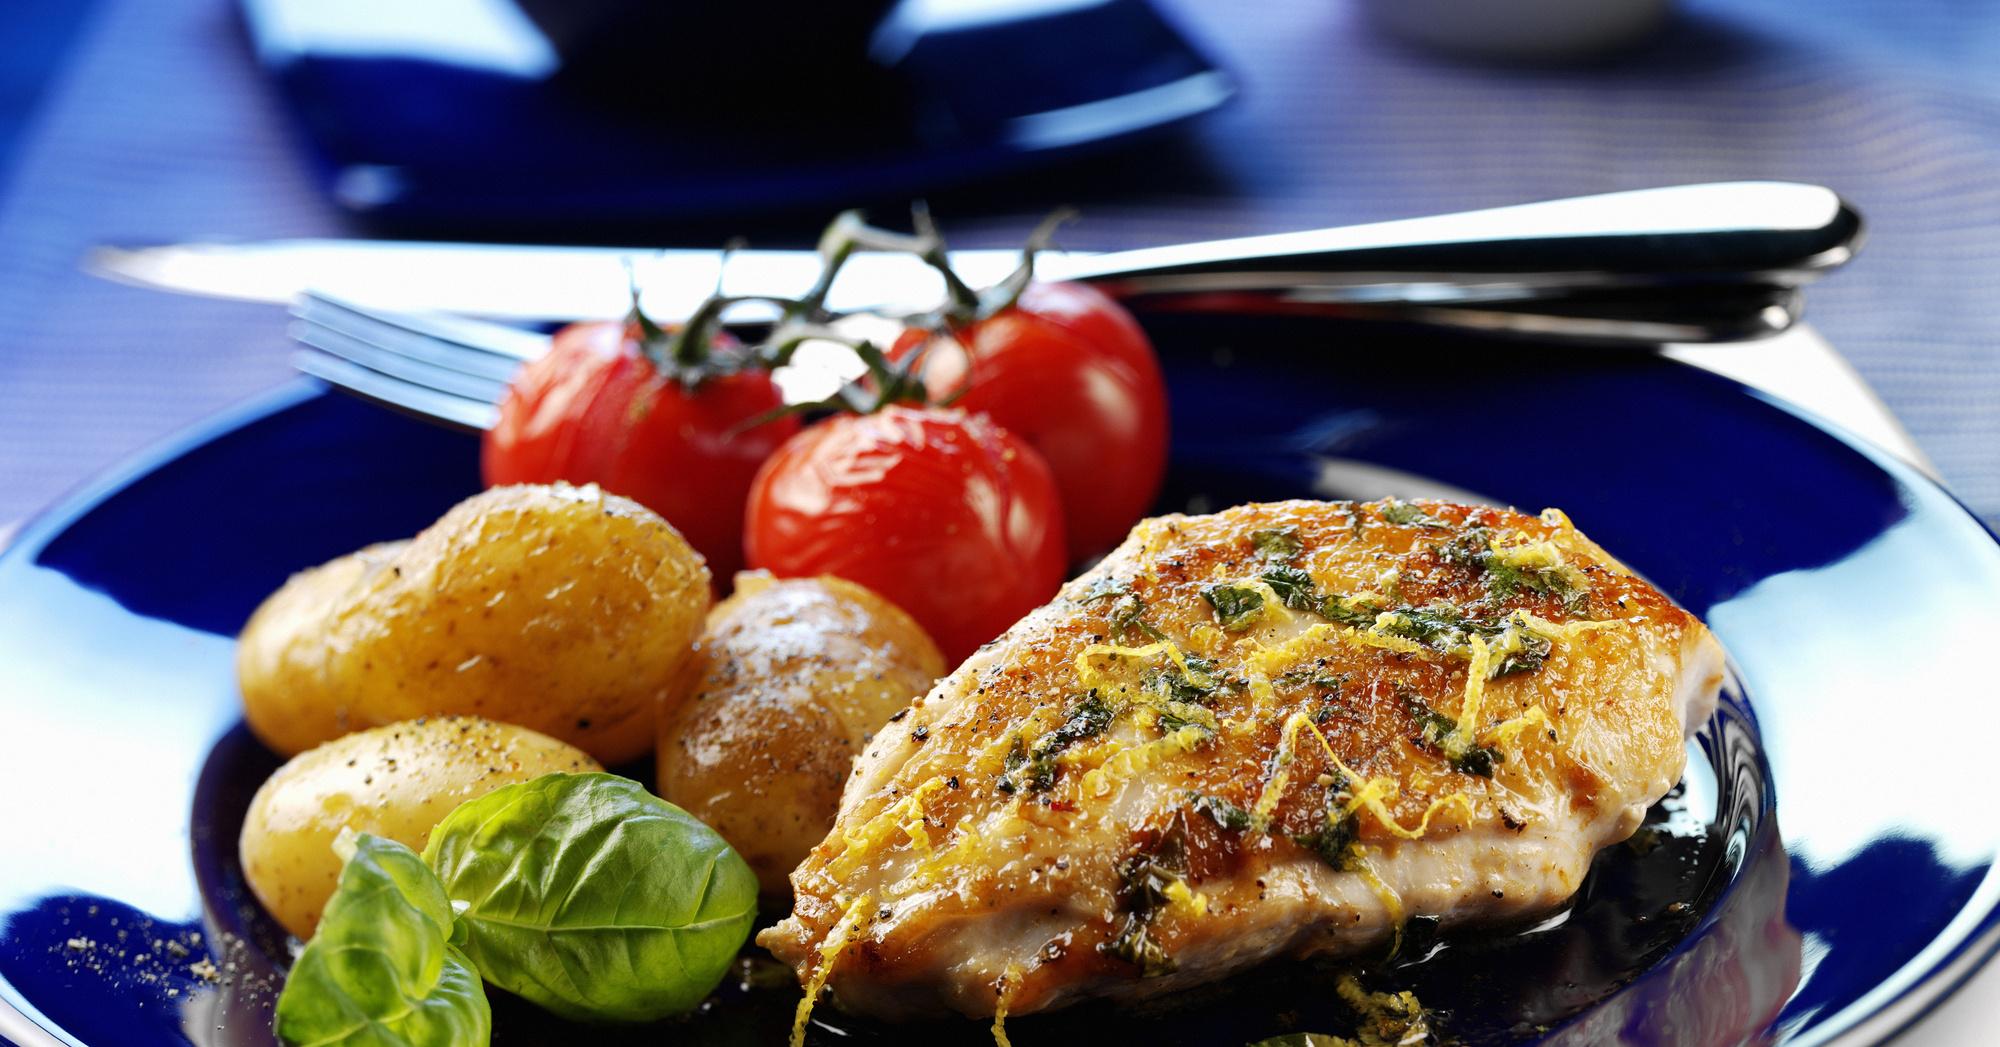 Рецепты филе курицы с помидорами и сыром в духовке рецепт пошагово